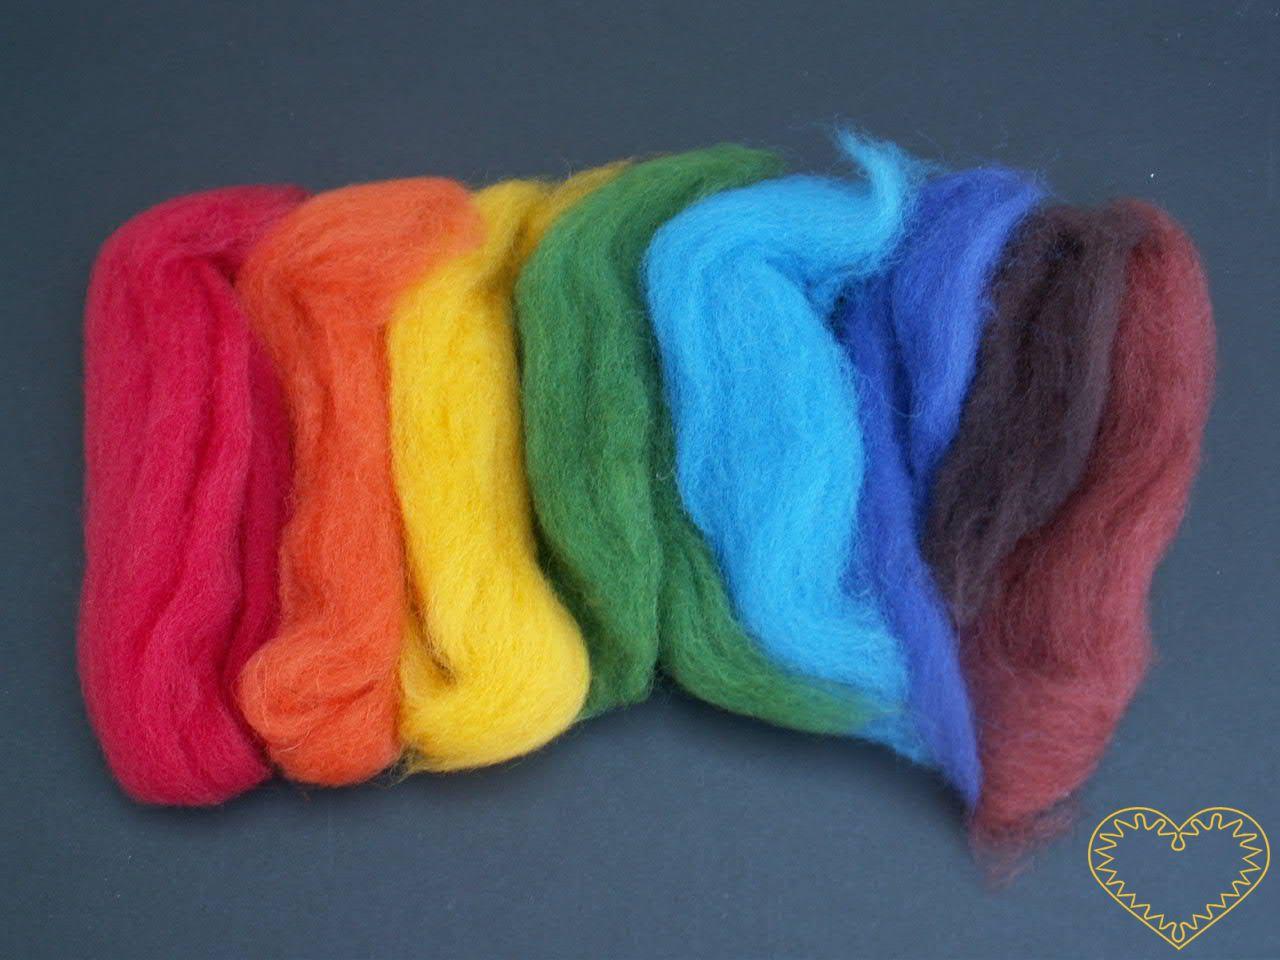 Ovčí rouno barvené - vlna - sada 7 barev (20g). Vhodné na plstění suché (jehlou) i mokré, předení, vytváření vlněných obrázků pod sklo, jako vlásky pro panenky, figurky i maňásky.